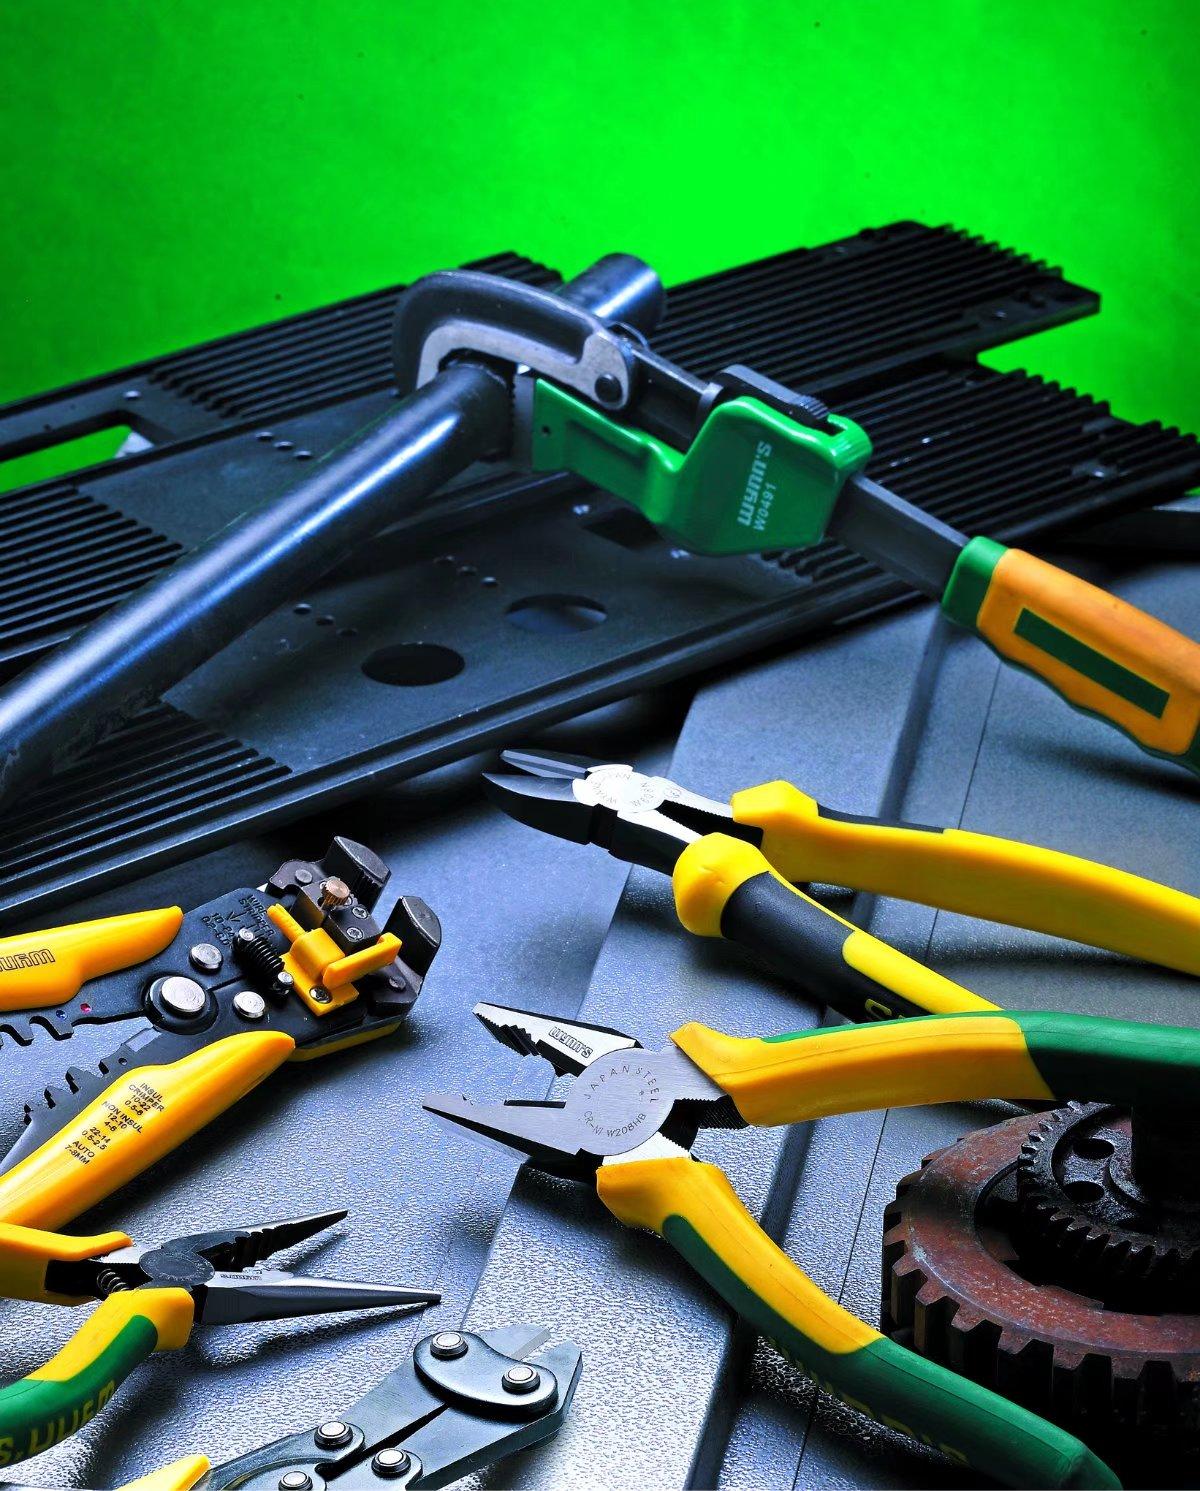 什么牌子断线钳好、哪个剪切工具好用、钢丝绳剪、电缆剪、长臂电缆剪 A型断线钳